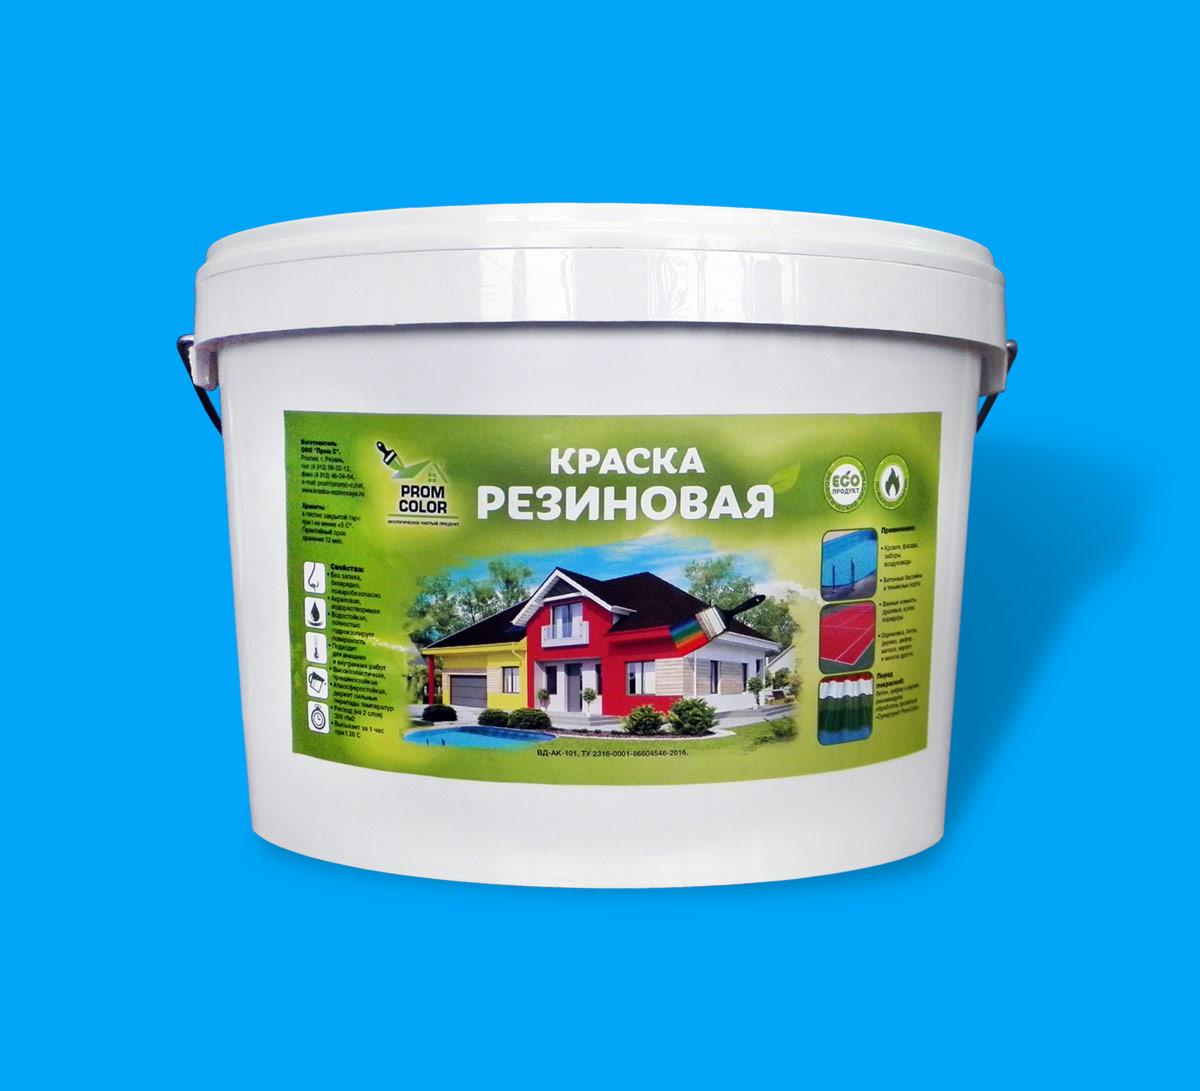 Резиновая краска для бассейна: обзор лучших резиновых красок для покрытия бассейна